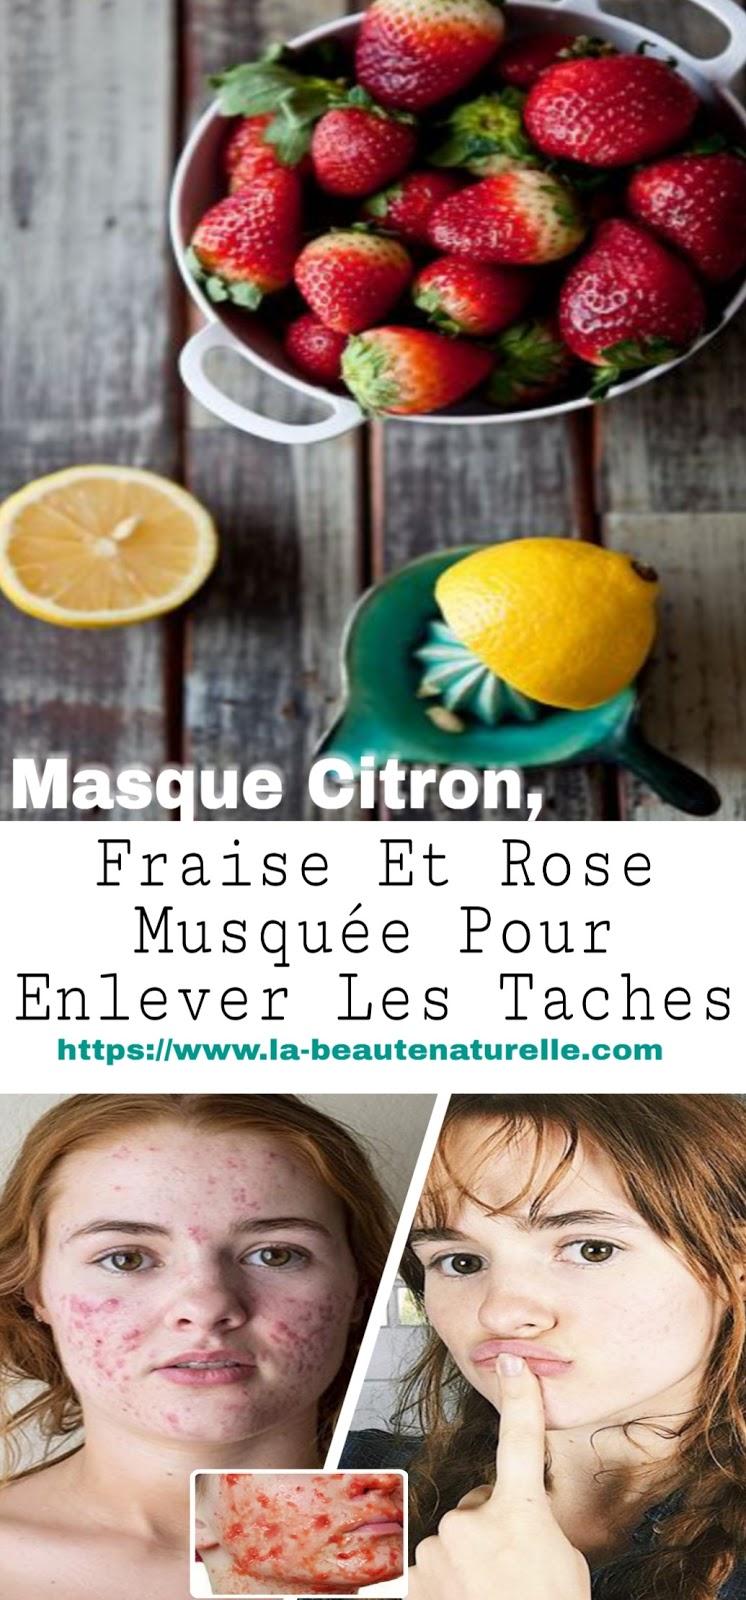 Masque Citron, Fraise Et Rose Musquée Pour Enlever Les Taches